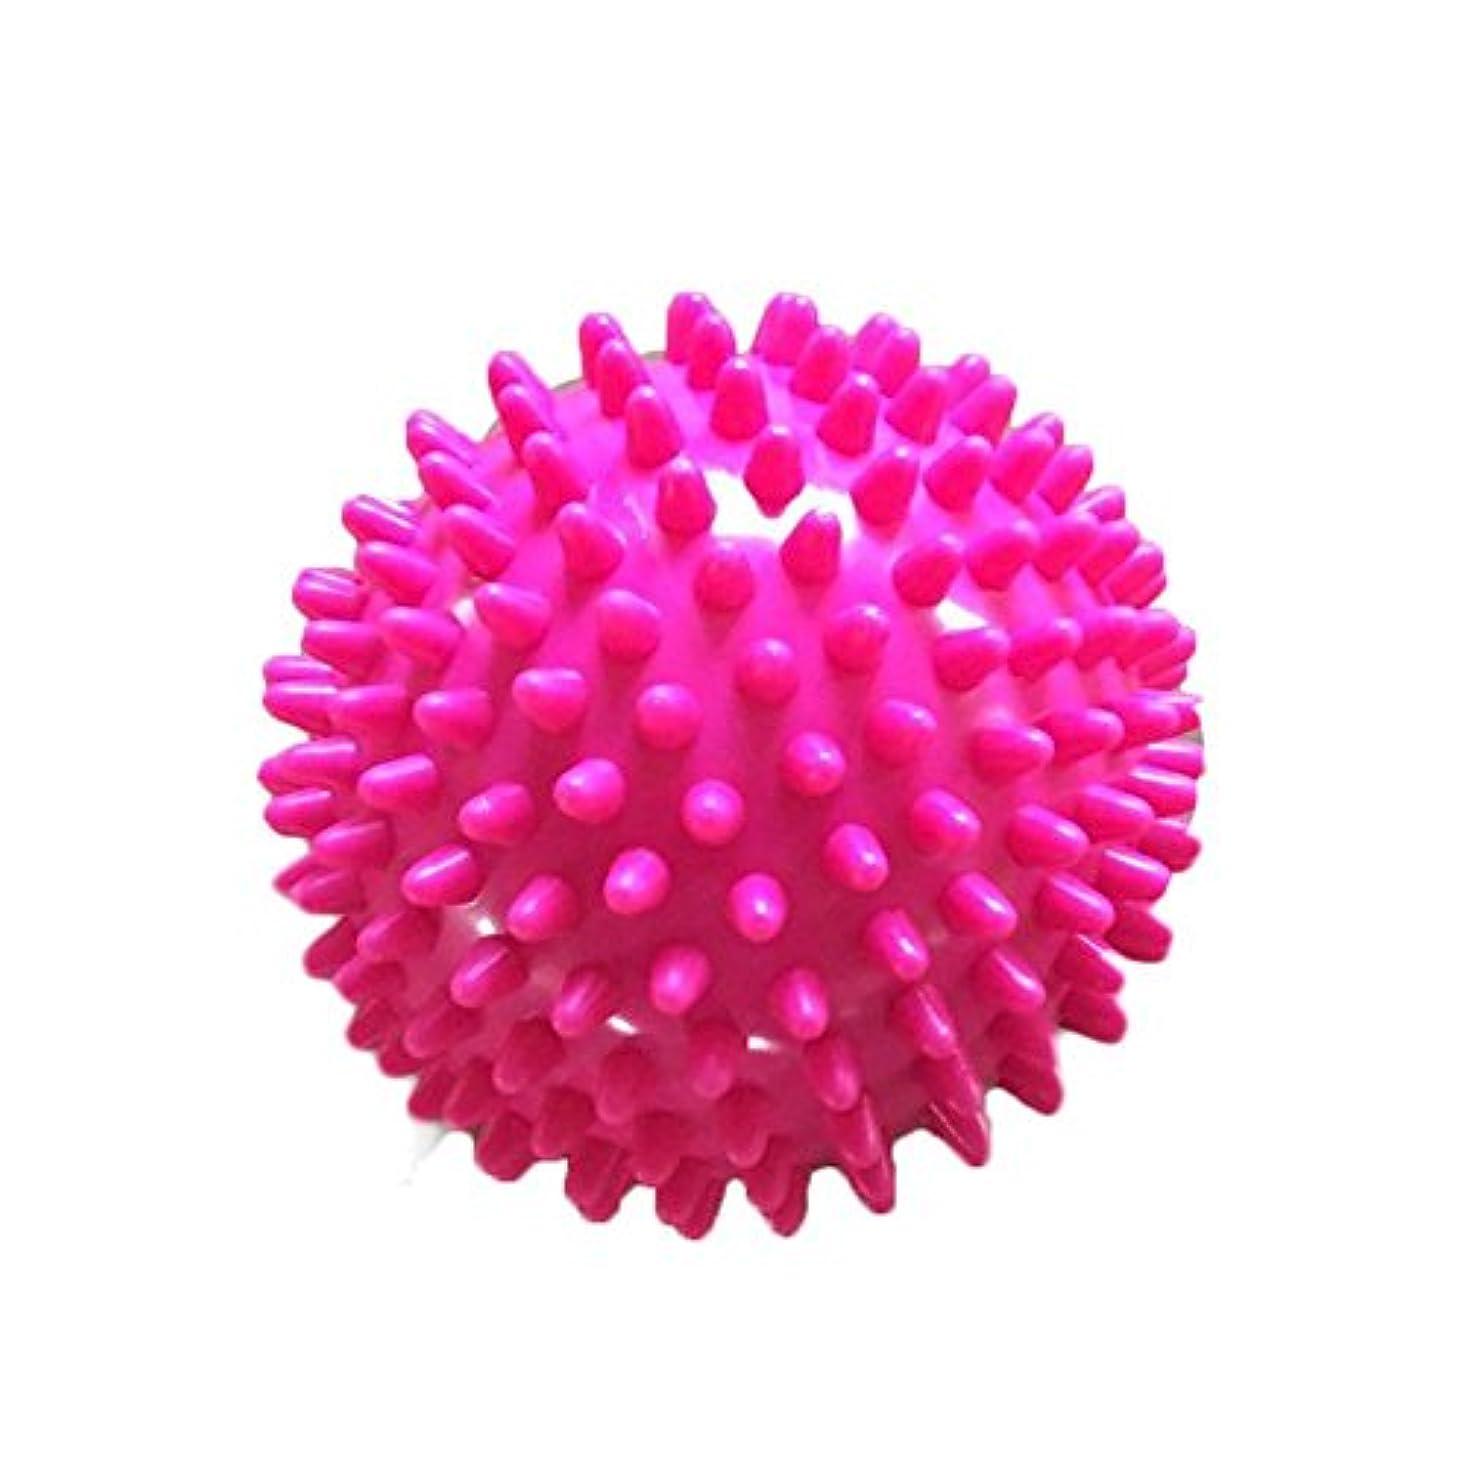 システムまあ曖昧な7.5 CM ポリ塩化ビニールのローラー球の 脊髄 のマッサージは筋肉痛 のヨガの球を取り除きます